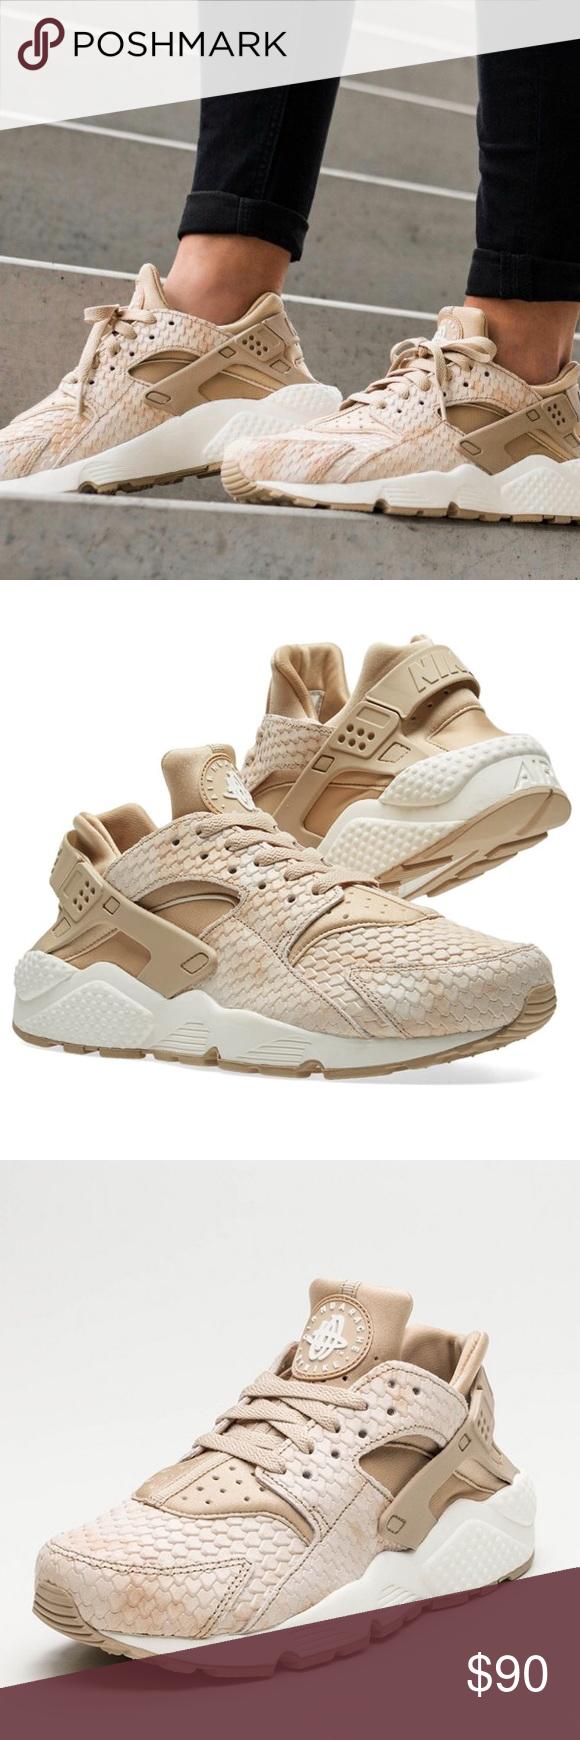 4207e8cc25ab WMNS Air Huarache Run PRM WMNS Air Huarache Run PRM. NEW WITHOUT BOX TOP  Linen Linen-Sail Nike Shoes Sneakers